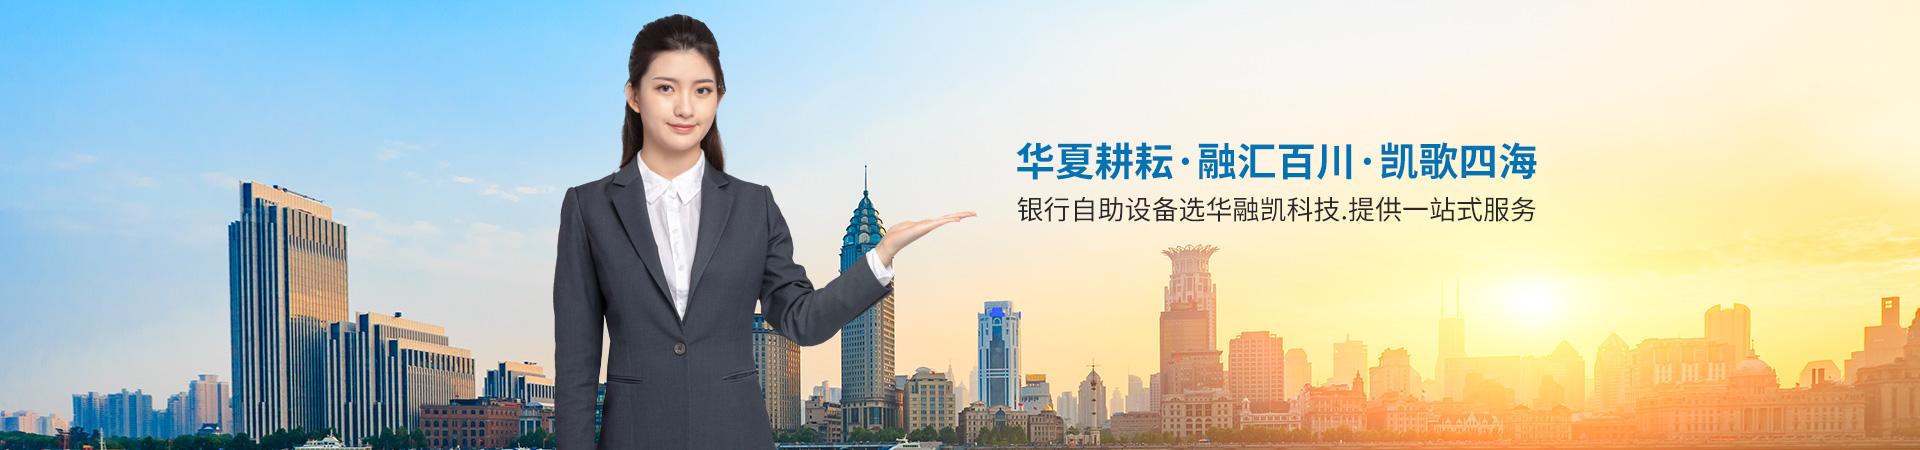 银行自助设备选华融凯科技.提供一站式服务